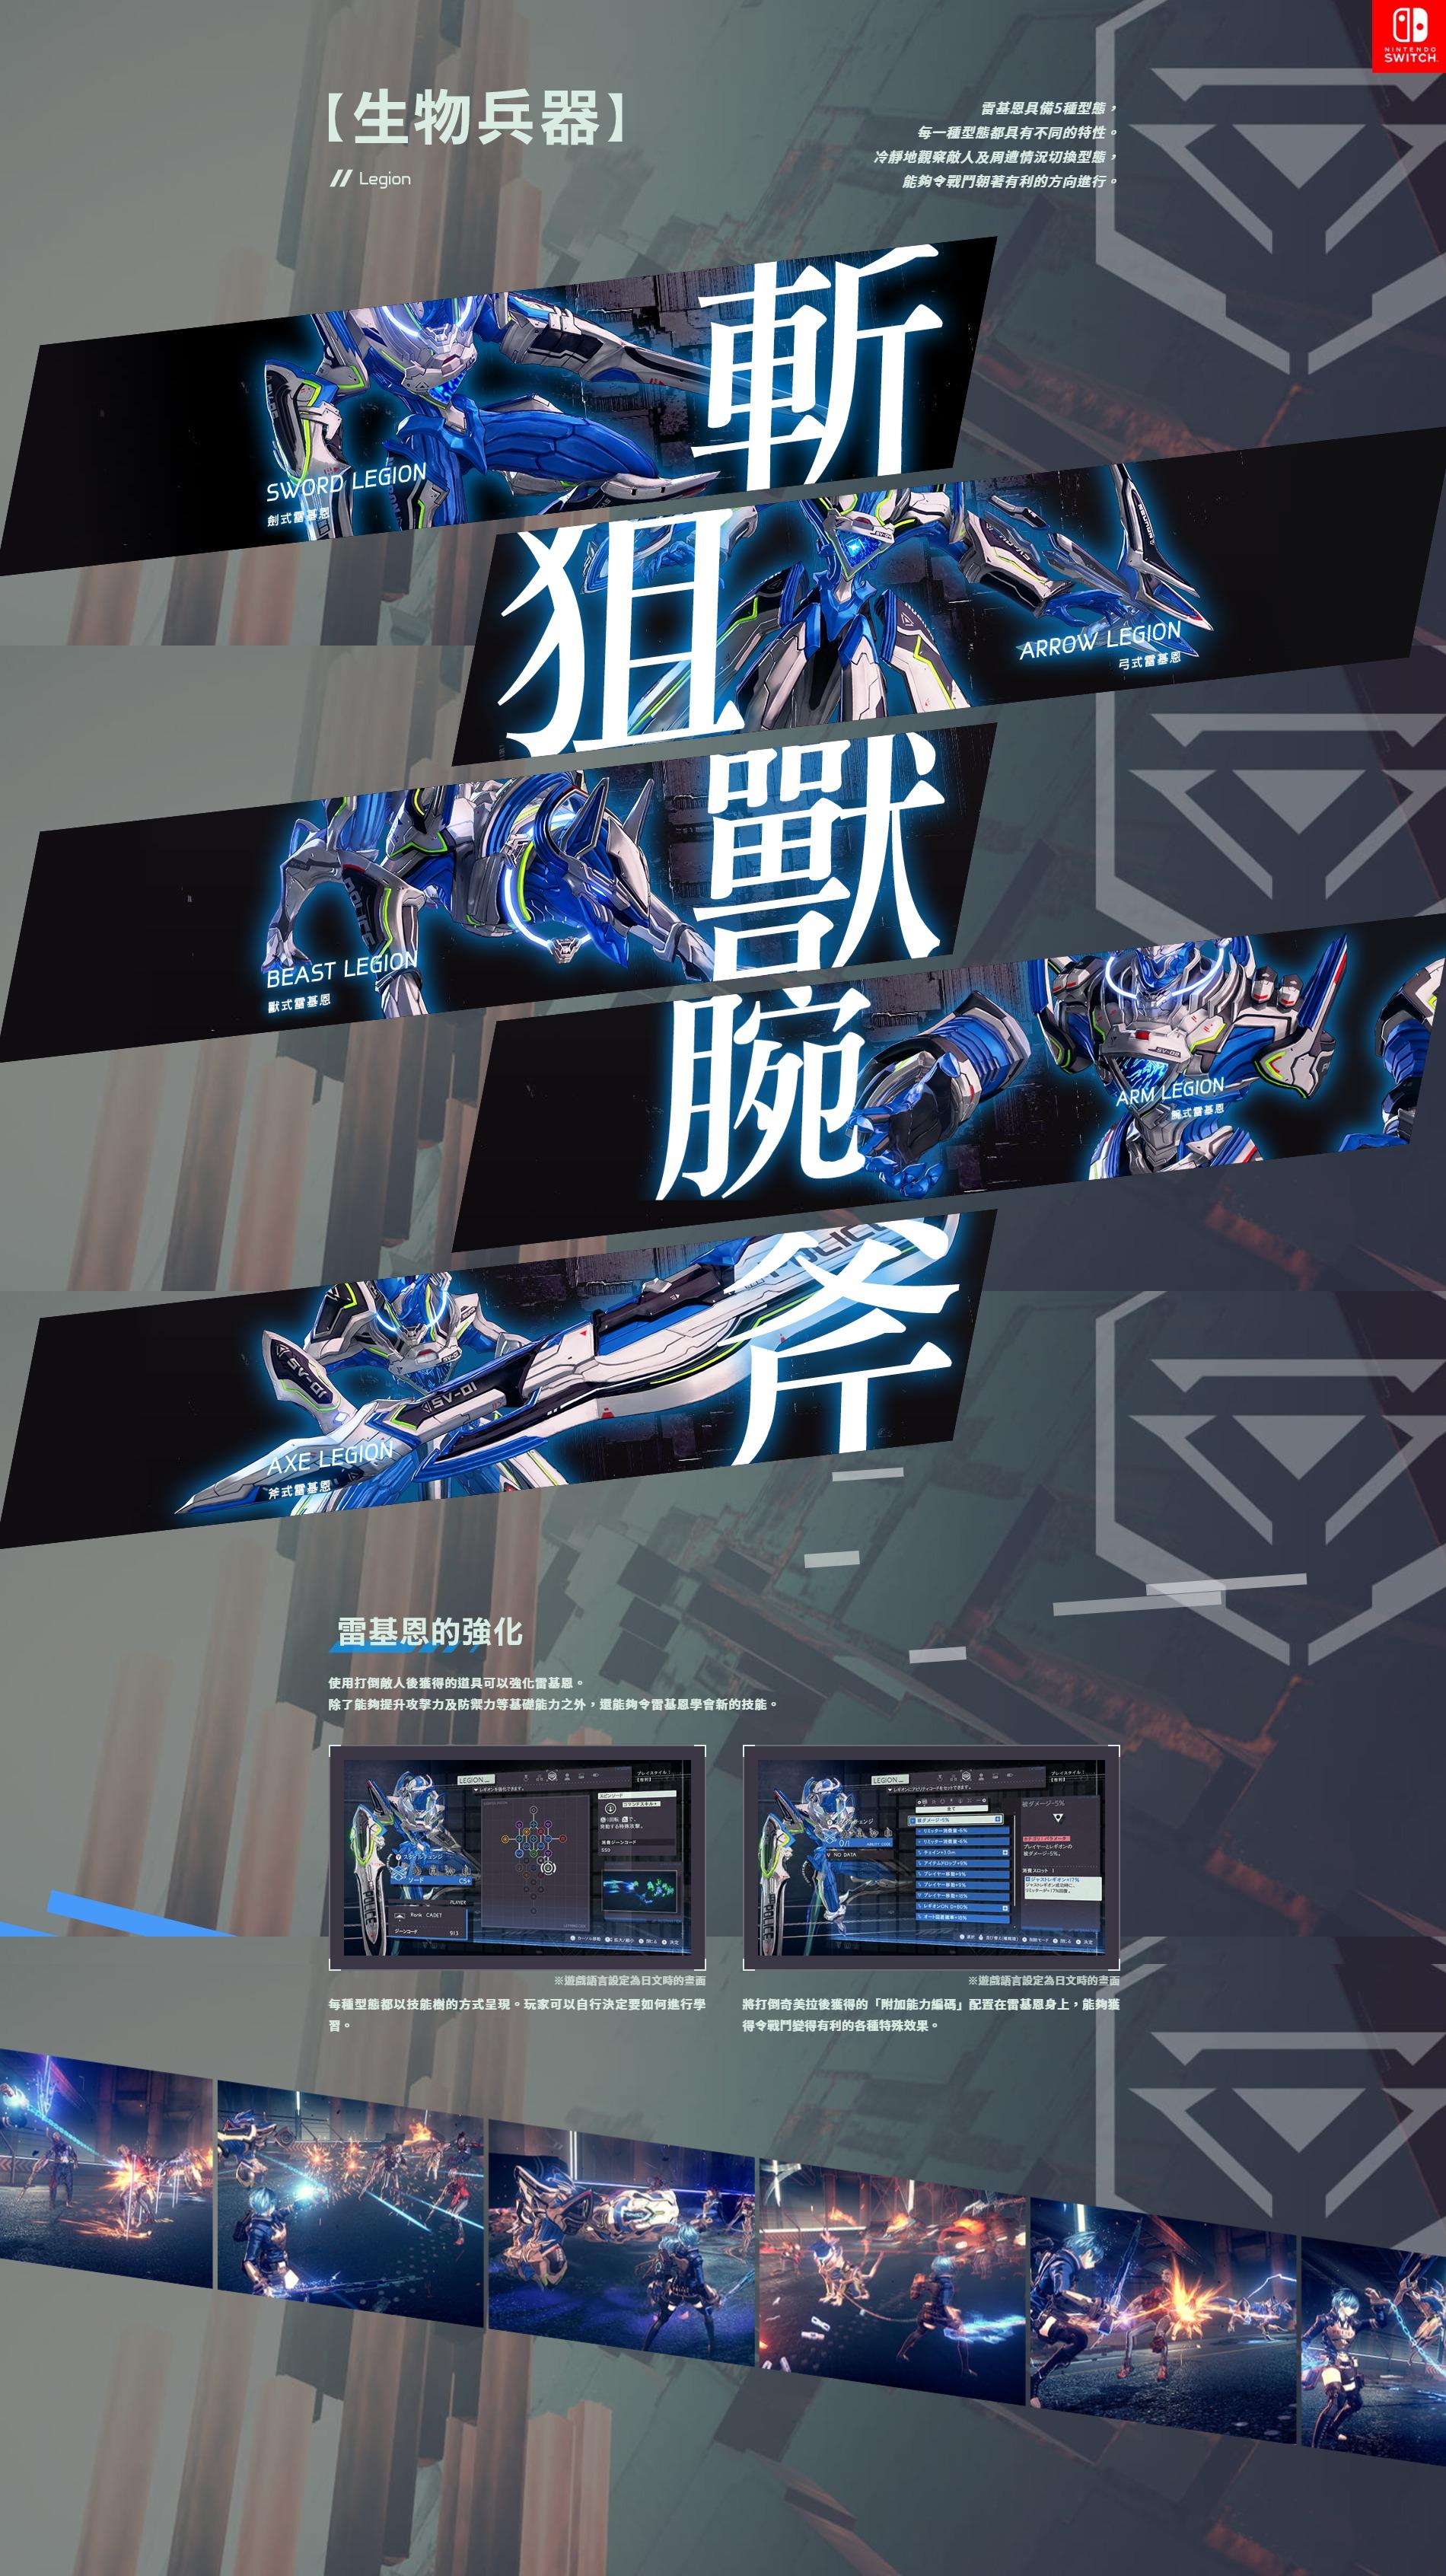 《异界锁链》中文官网内容更新 背景、人物信息全知晓